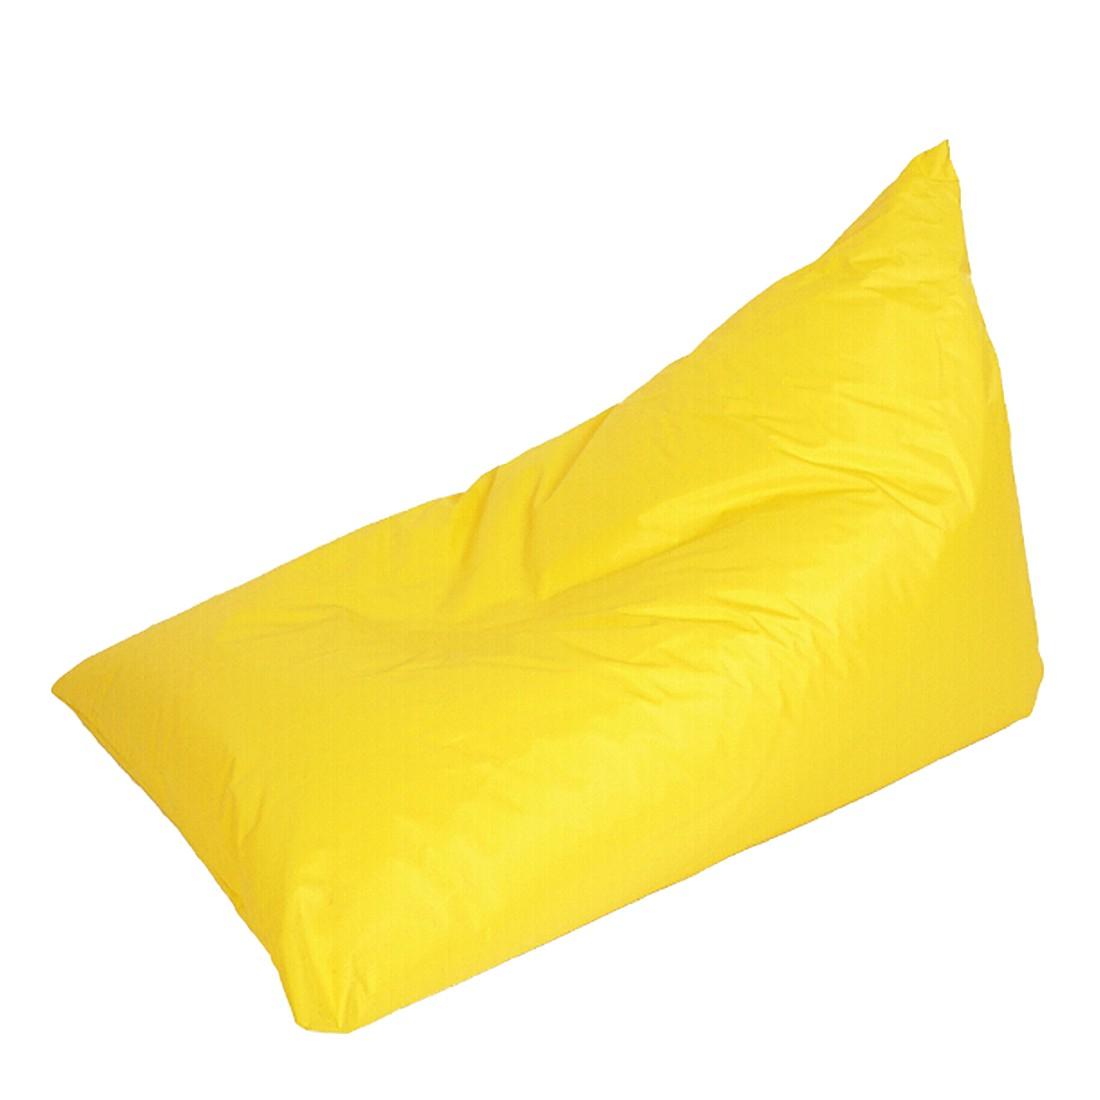 Chillkissen Nylon Gelb klein – 140 x 100 cm, KC-Handel kaufen